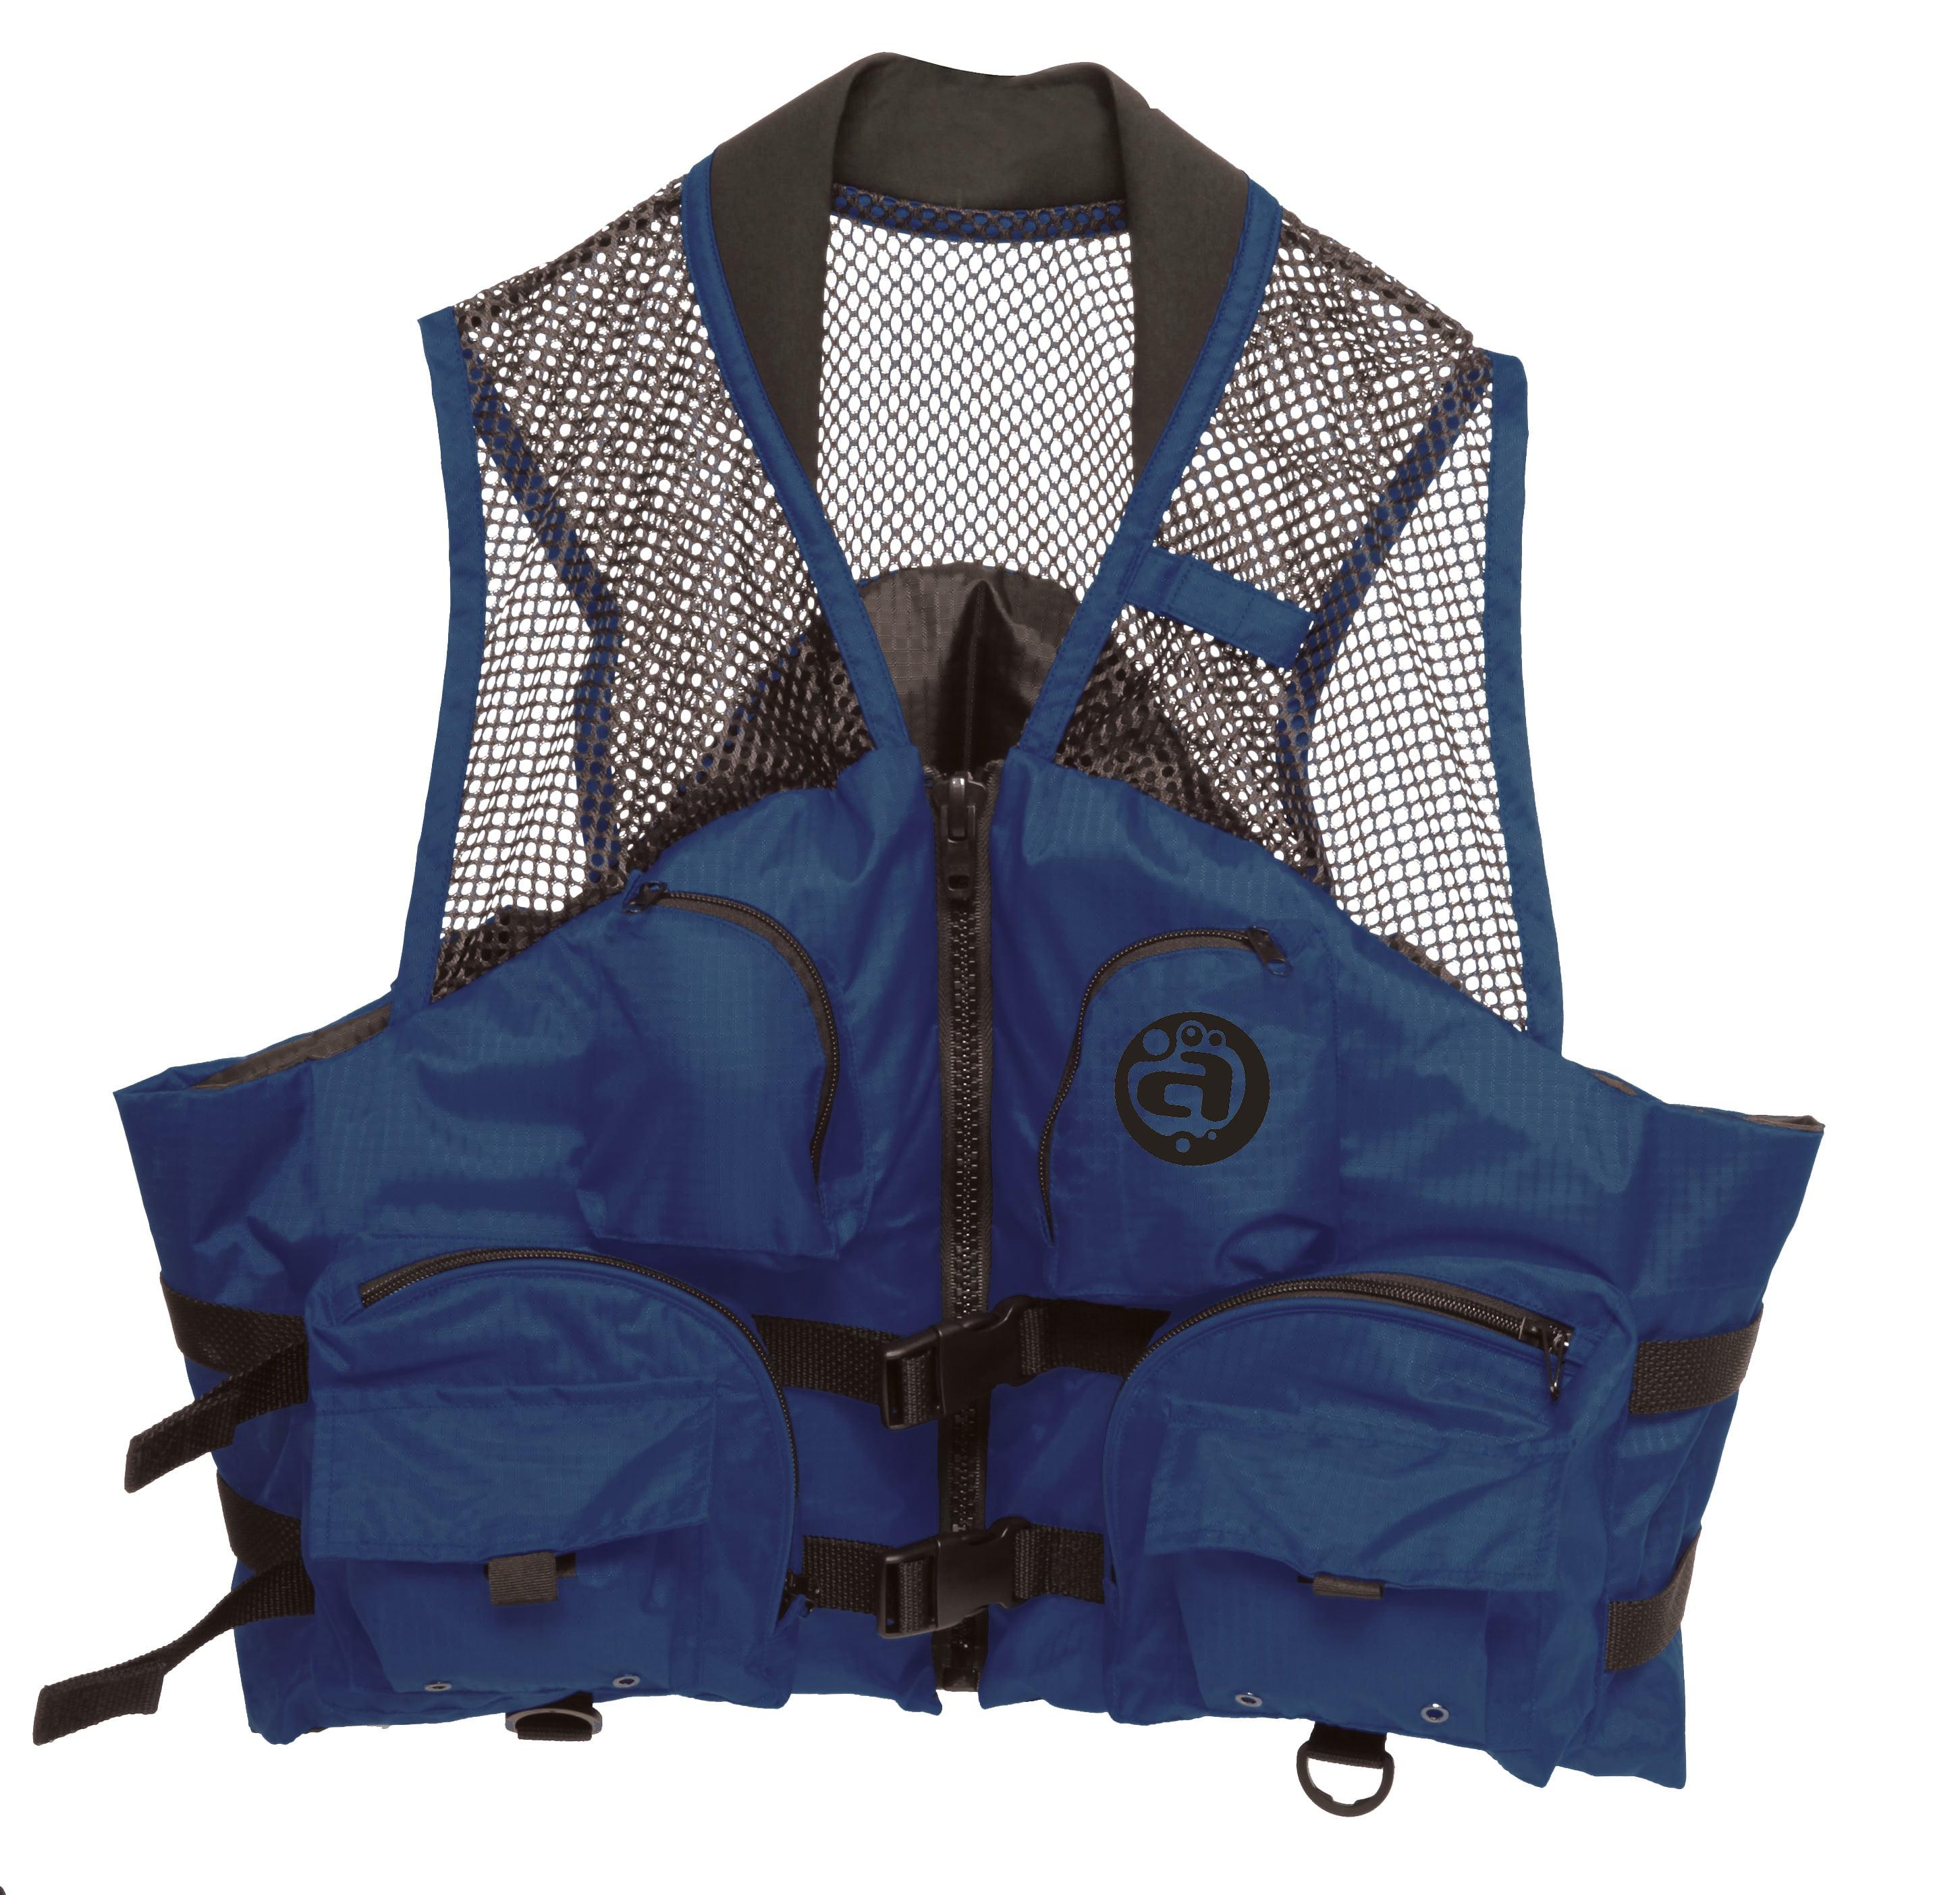 Deluxe Mesh Top Fishing Vest, XS, Navy